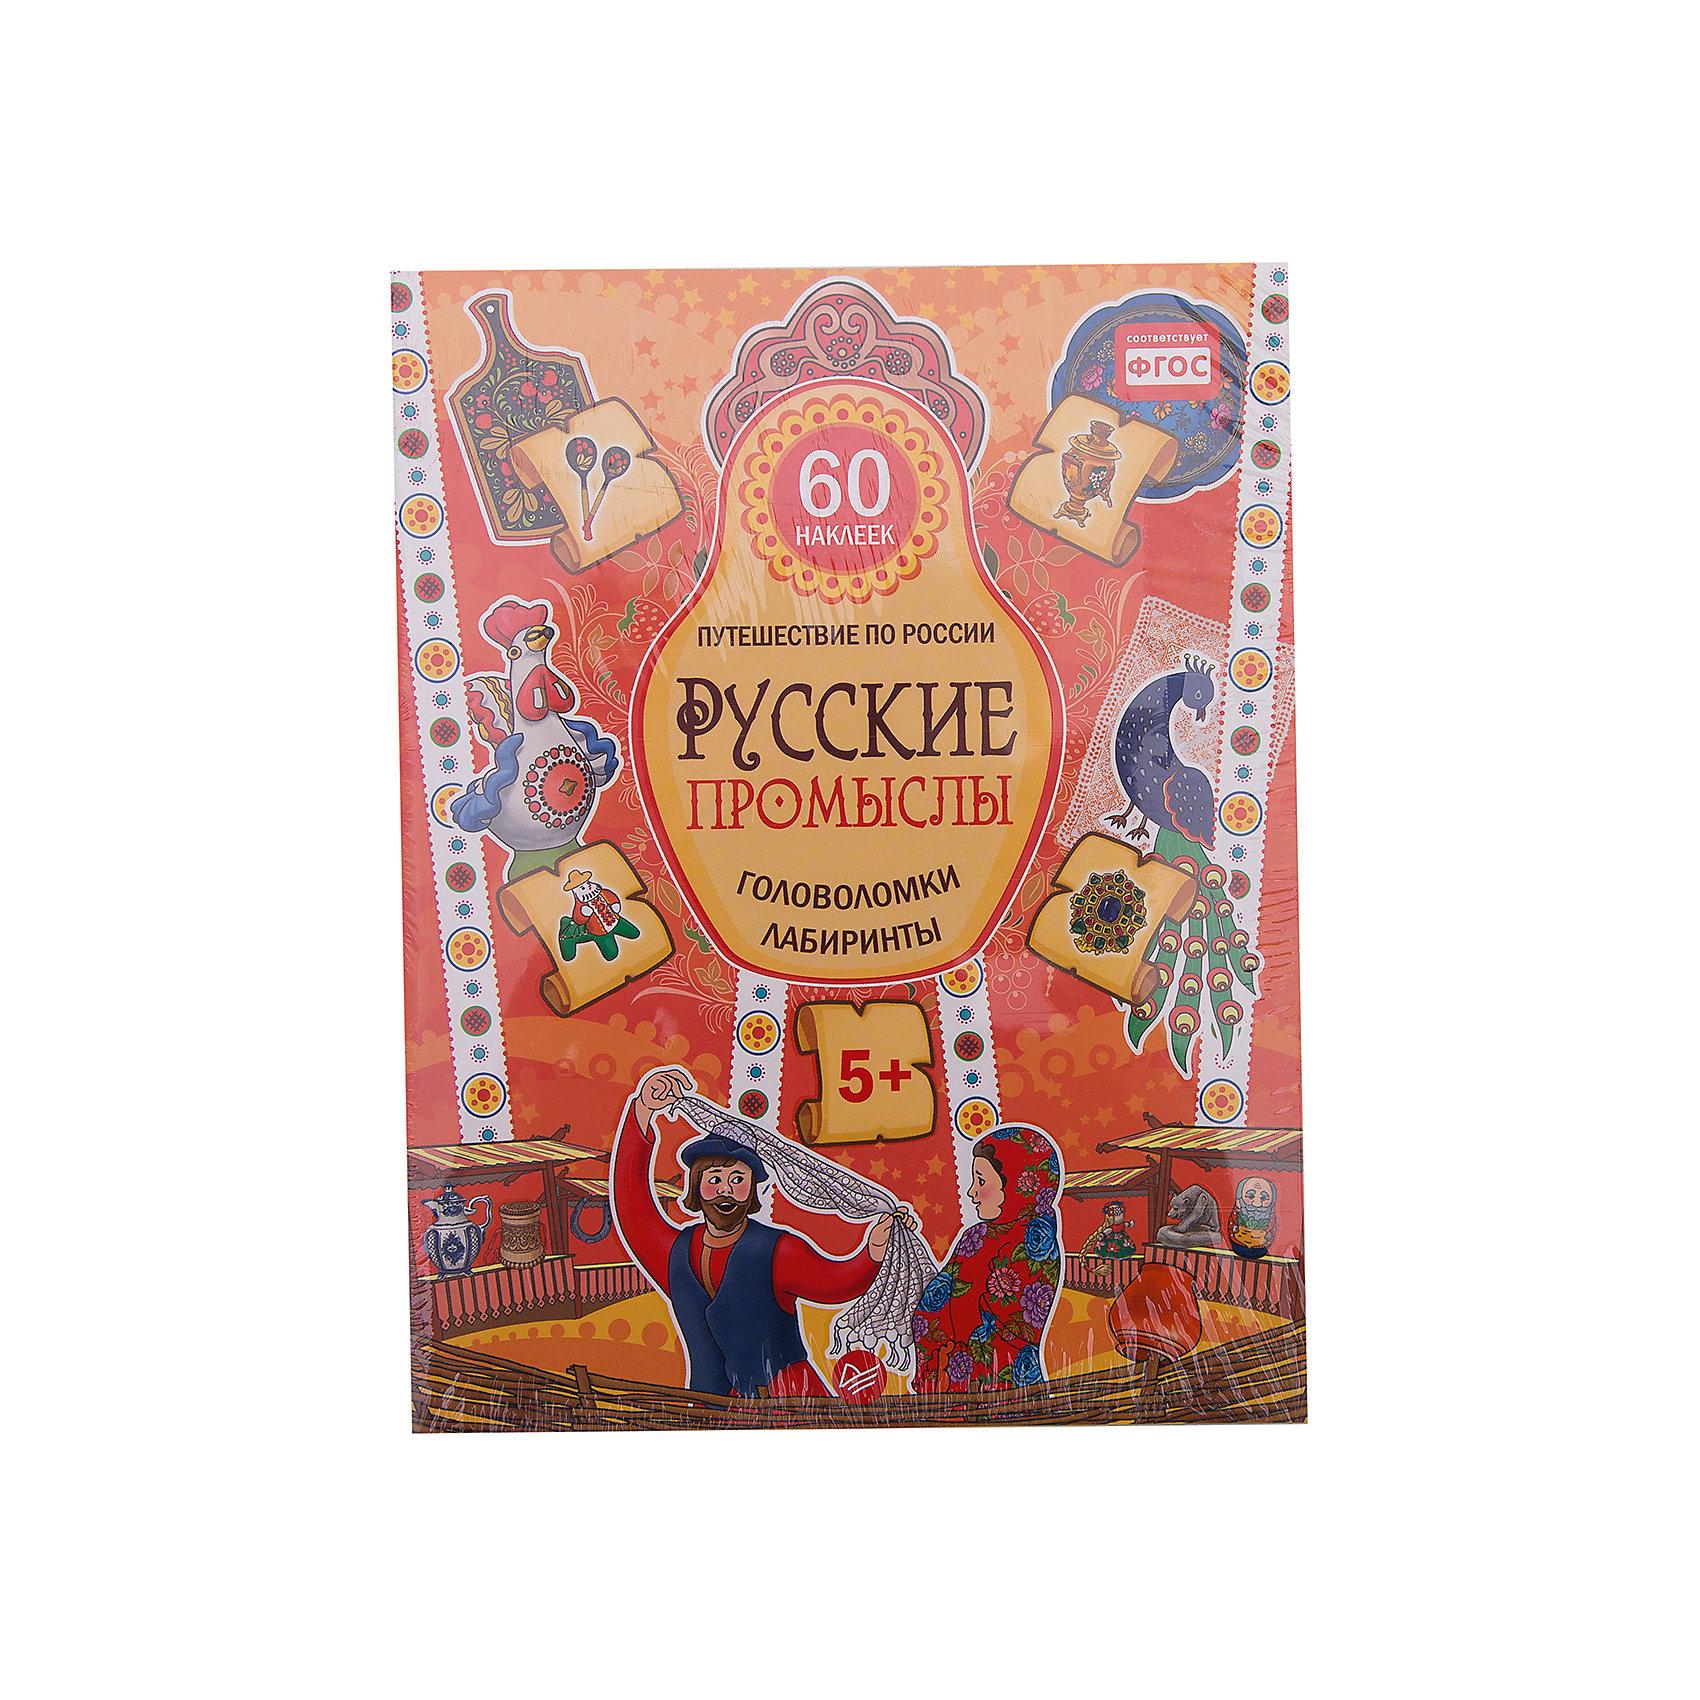 ПИТЕР Русские промыслы, головоломки, лабиринты (+многоразовые наклейки) книги питер русские изобретатели головоломки лабиринты 5